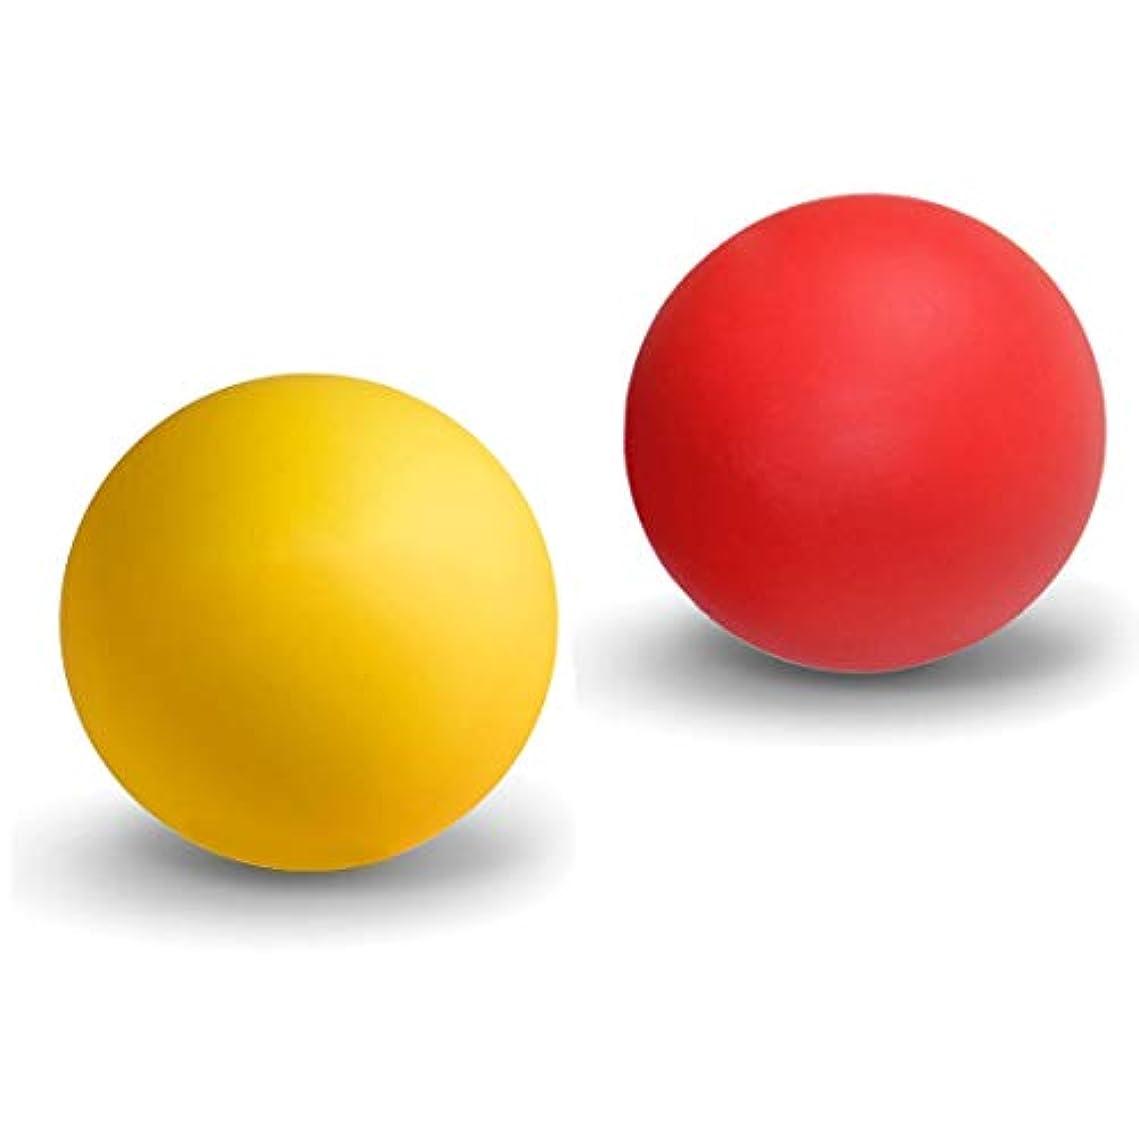 水実際予測子マッサージボール ストレッチボール トリガーポイント ラクロスボール 筋膜リリース トレーニング 指圧ボールマッスルマッサージボール 背中 肩こり 腰 ふくらはぎ 足裏 ツボ押しグッズ 2で1組み合わせ 2個 セット